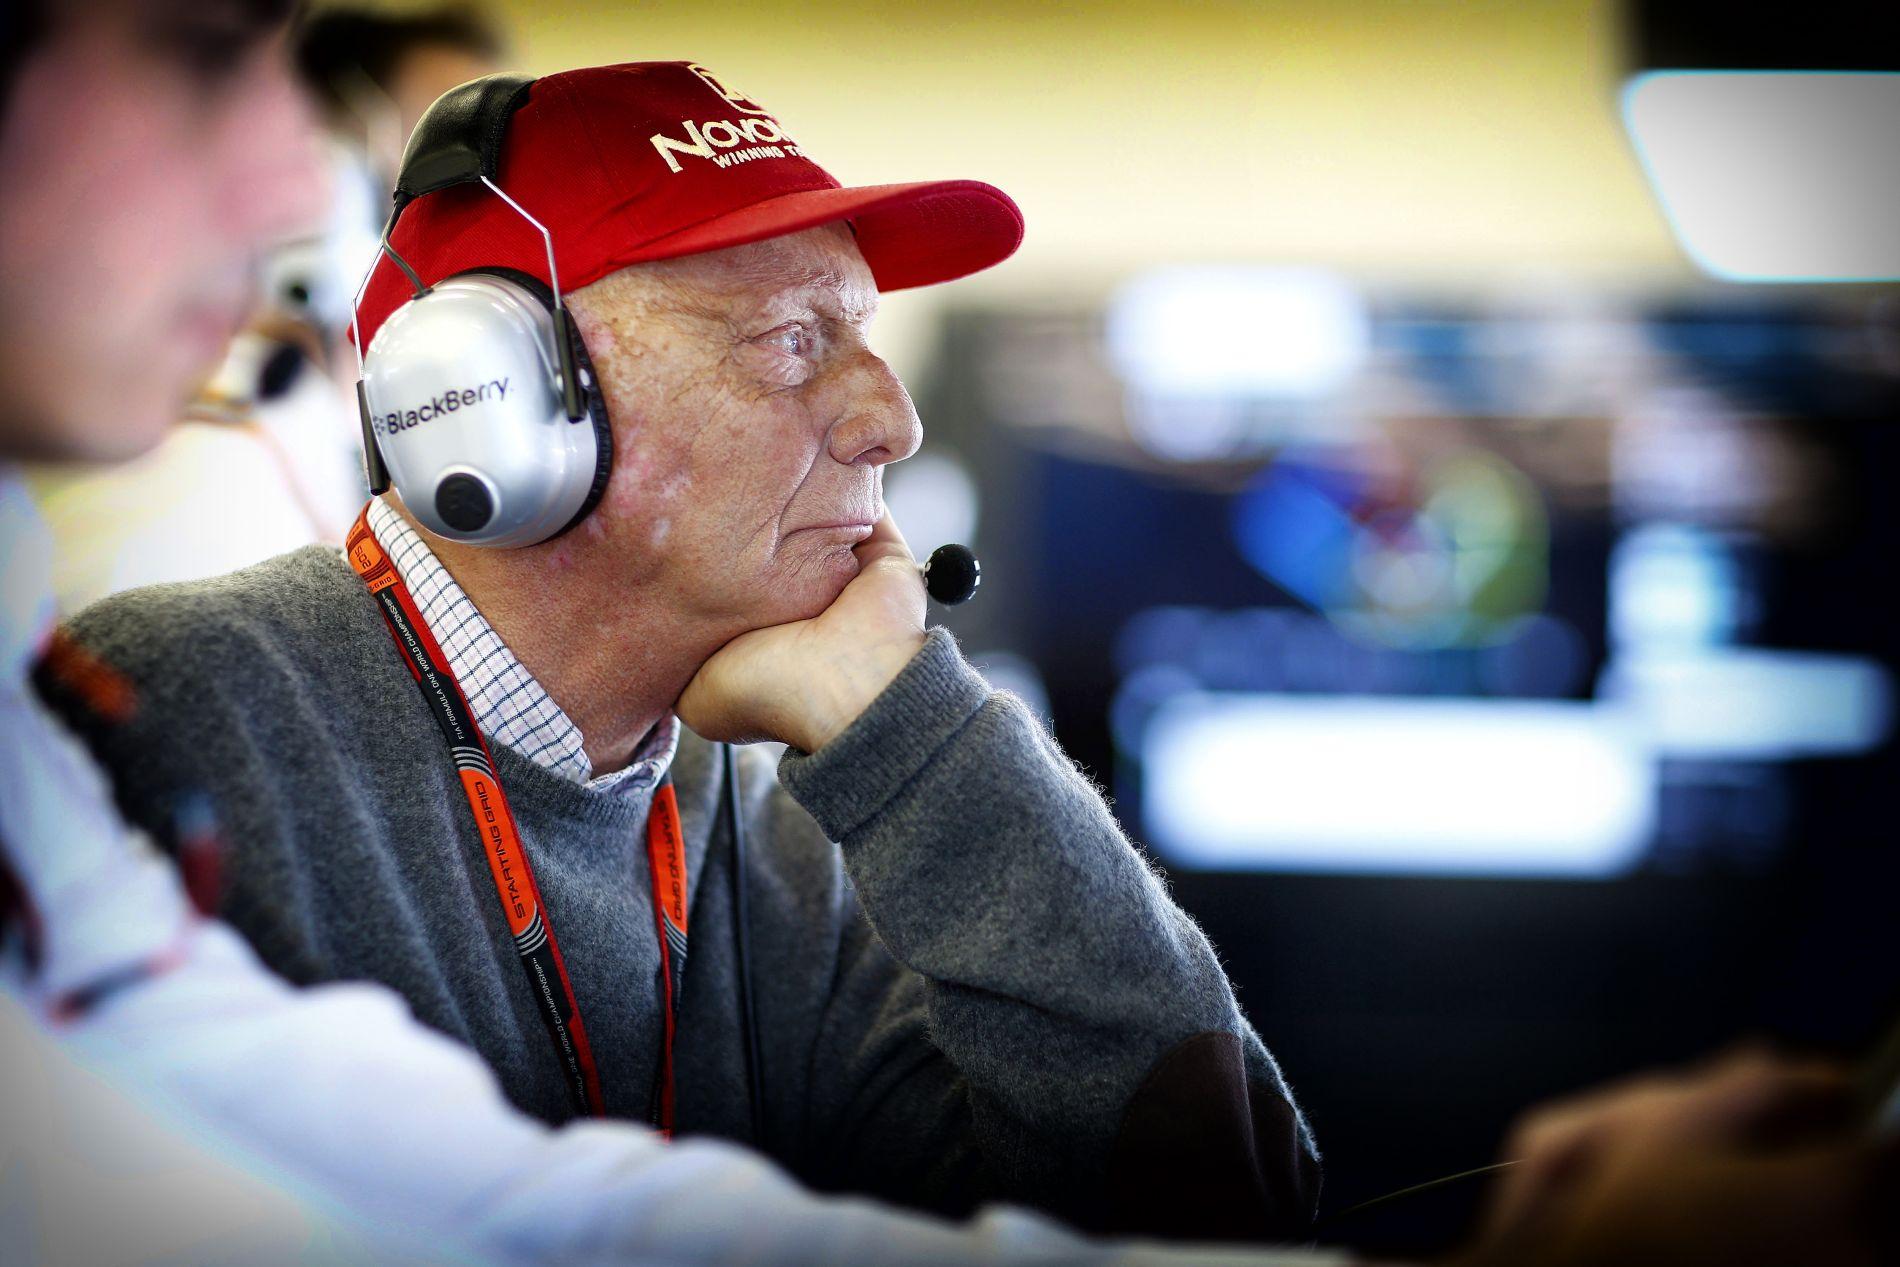 Lauda unja a többiek nyavalygását: a Ferrari  csak spagettivel dobálózik, nem fejleszt